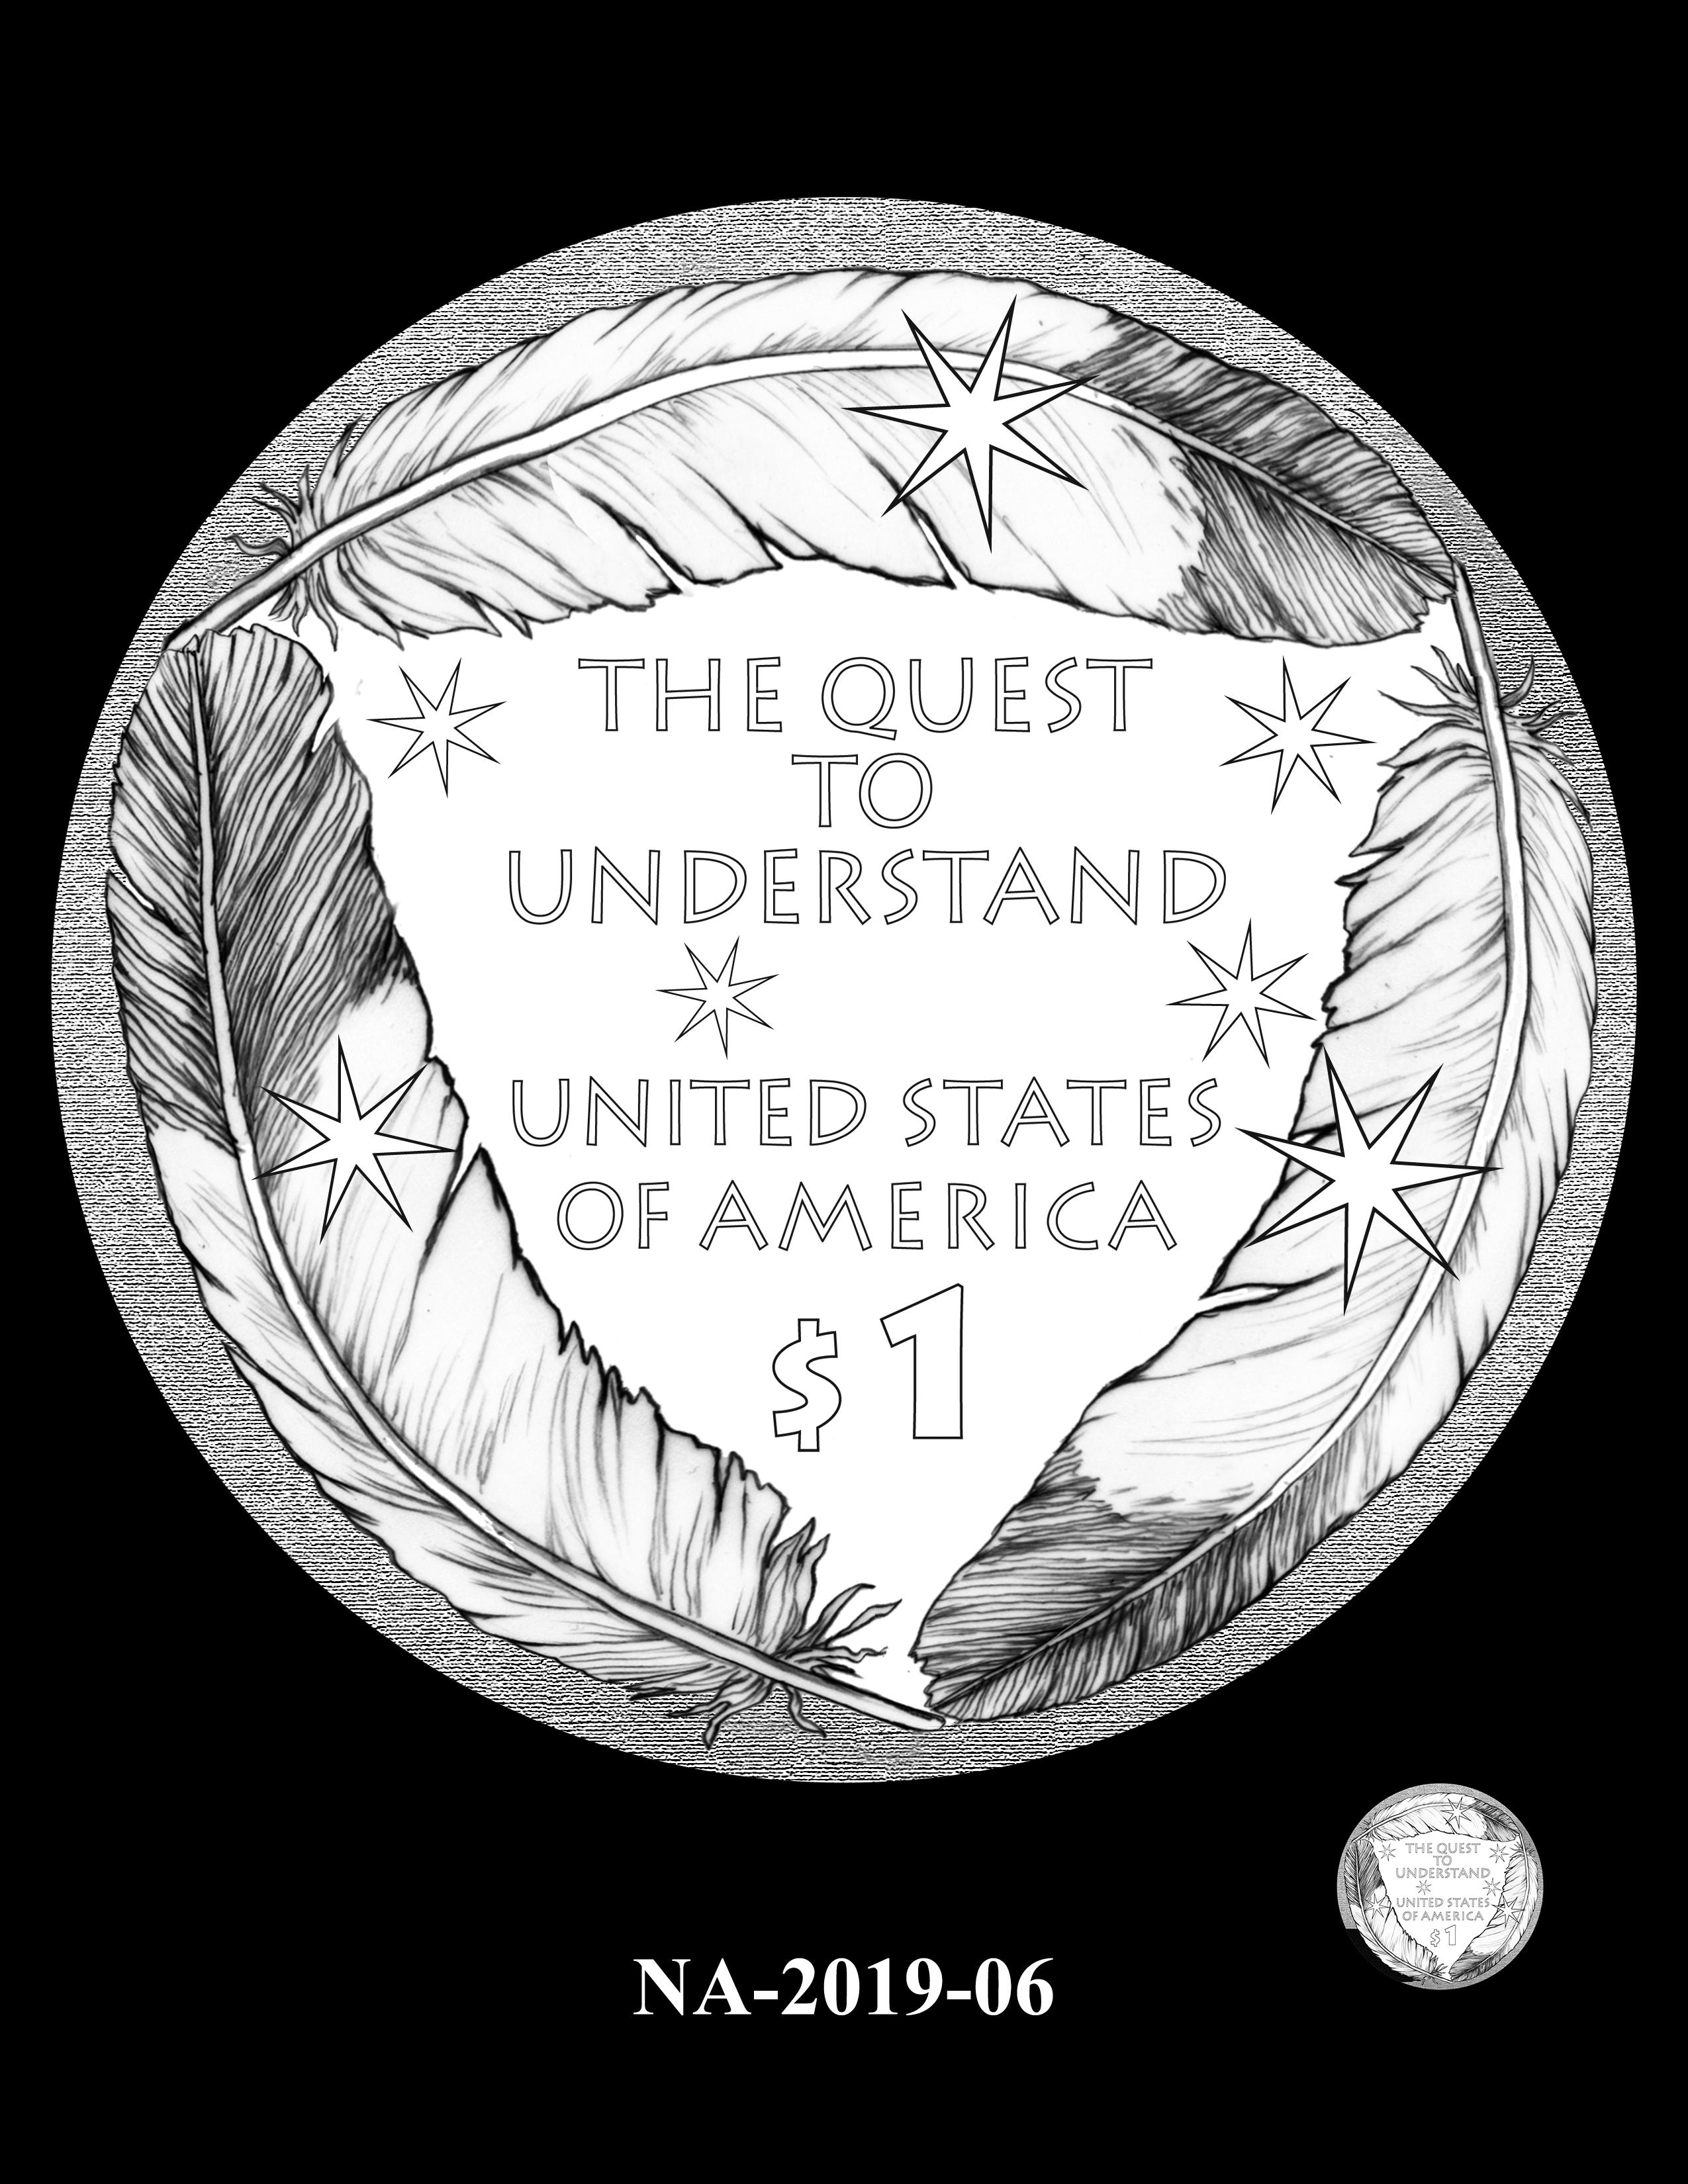 NA-2019-06 --2019 Native American $1 Coin